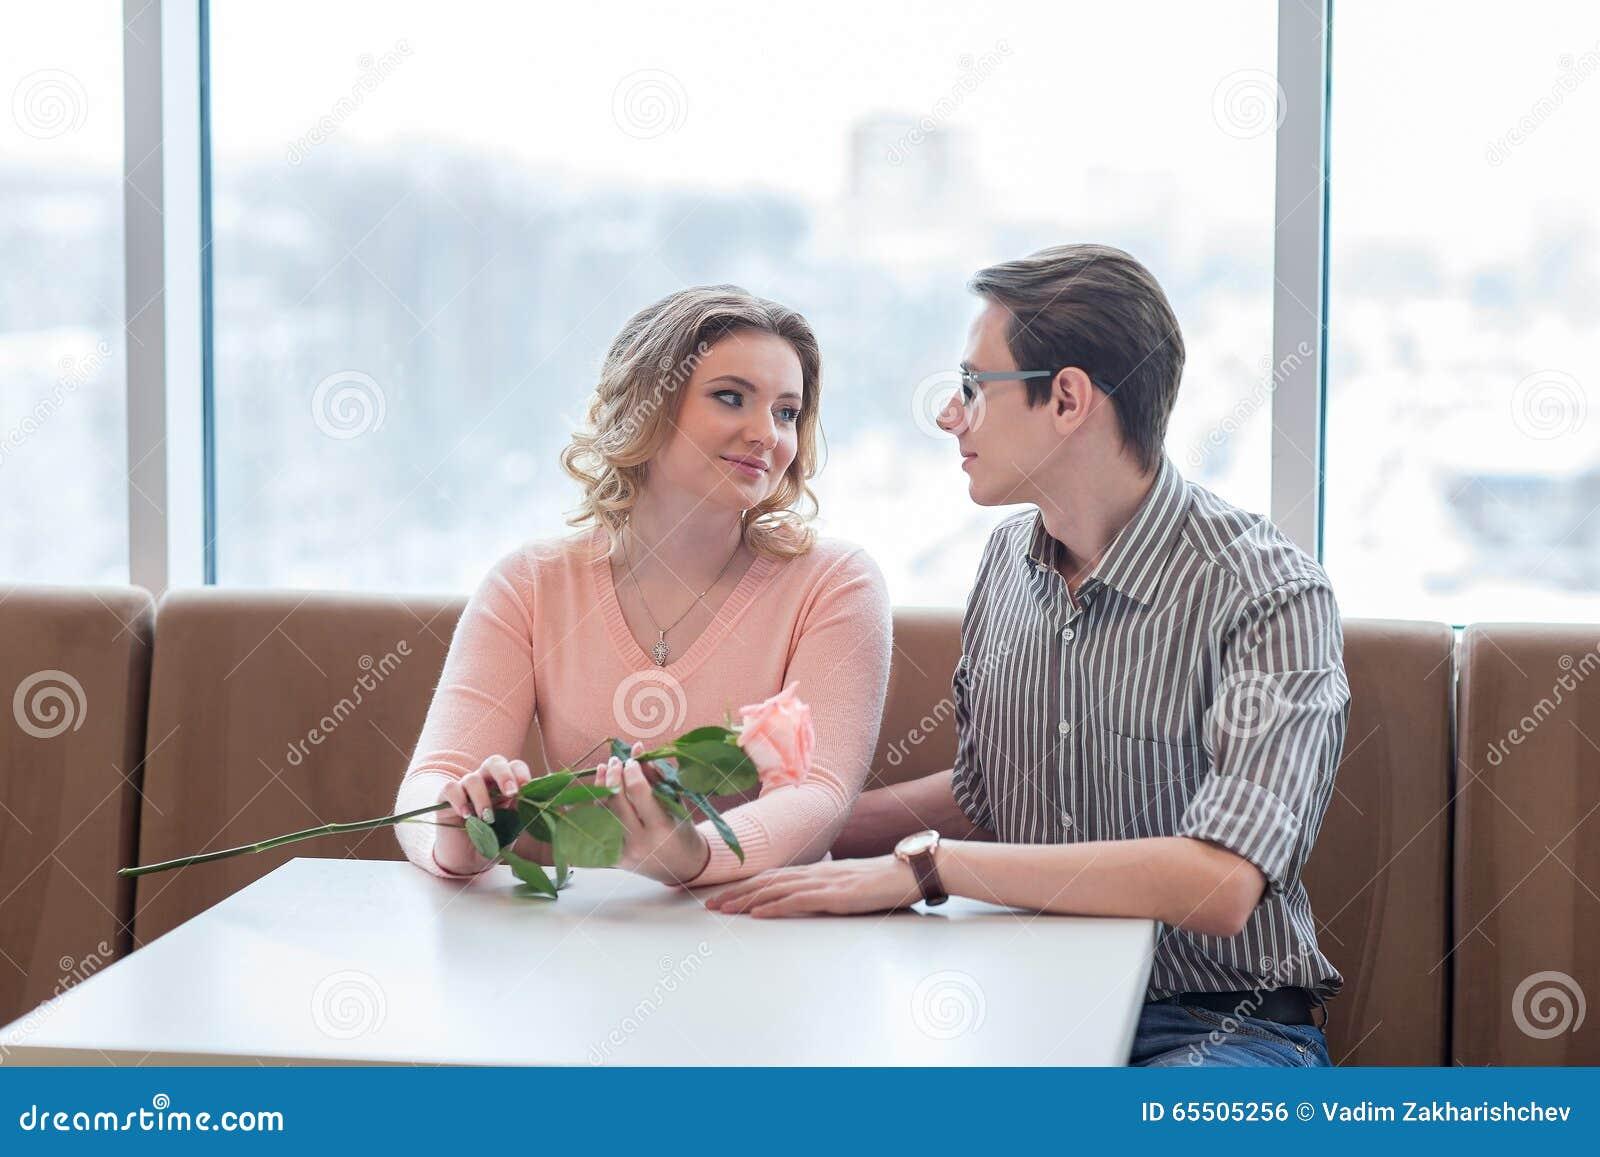 dating website moskou